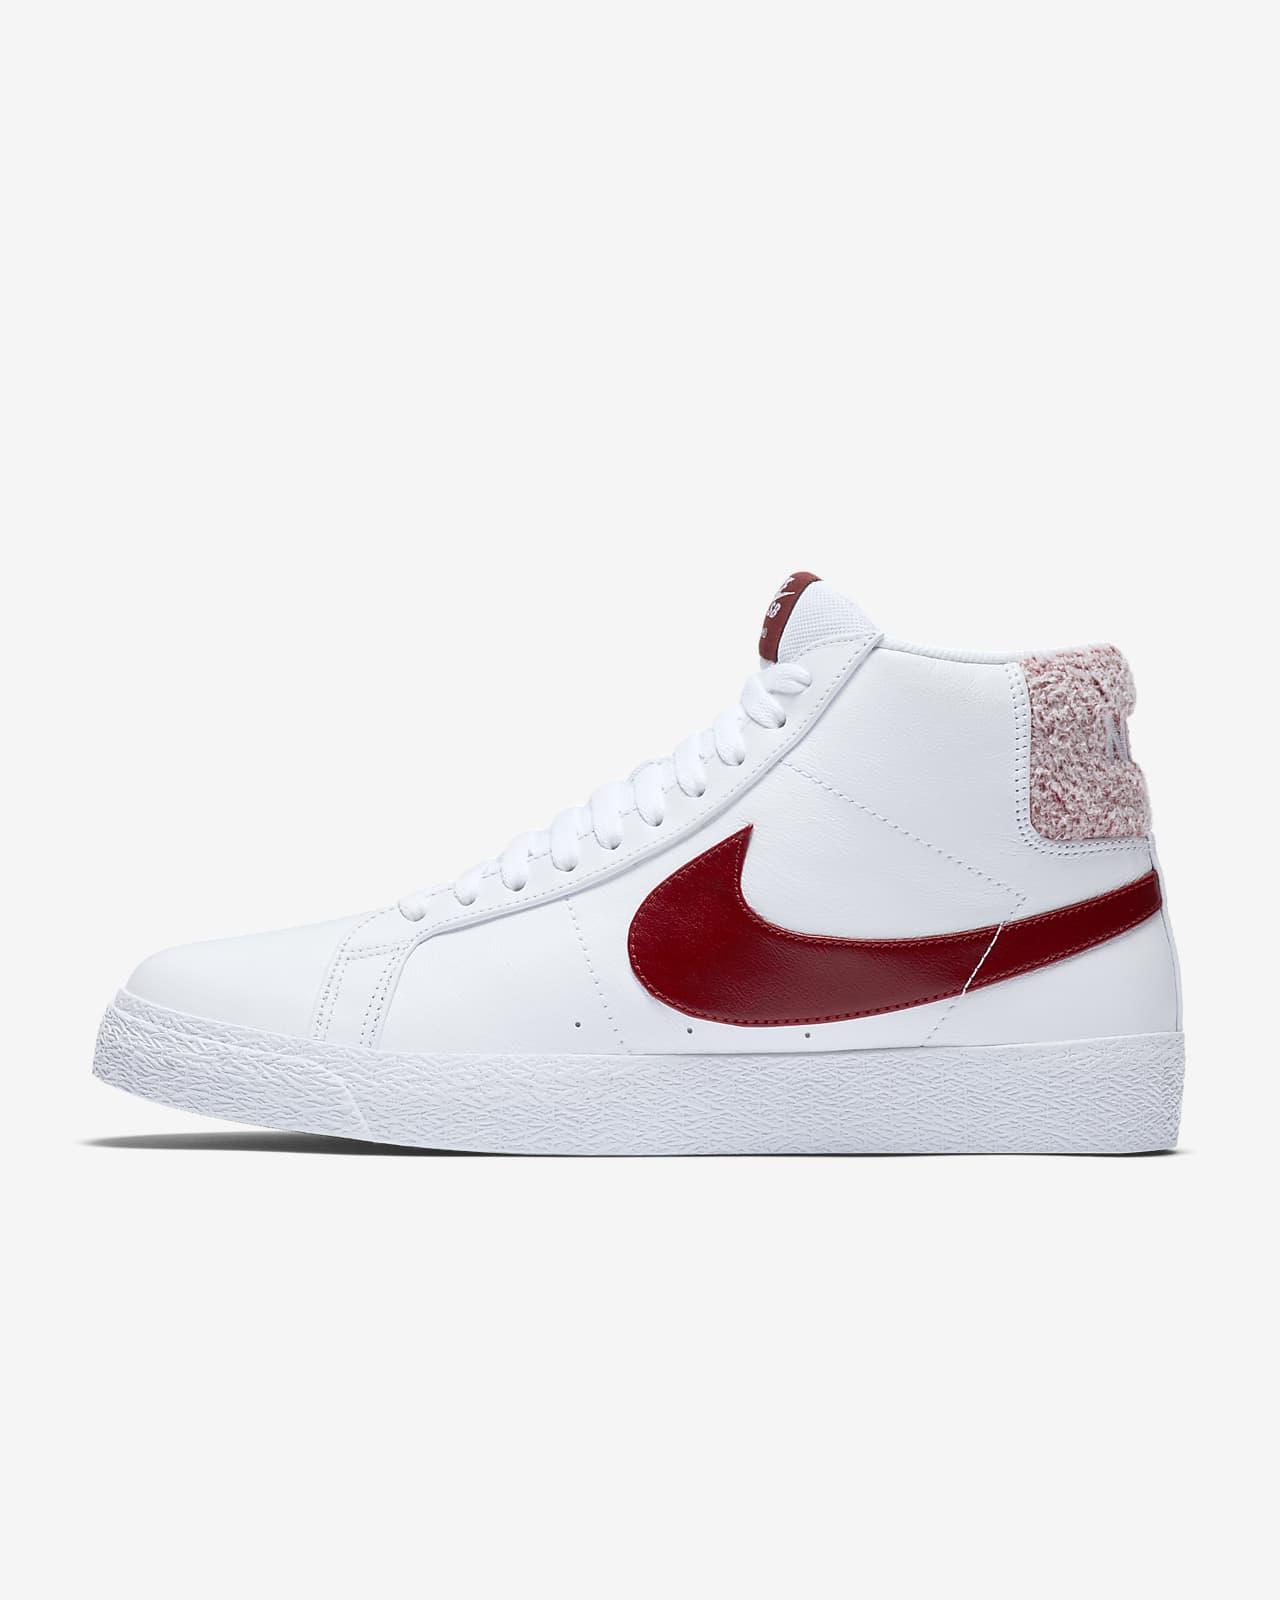 Nike SB Zoom Blazer Mid PRM男/女滑板鞋